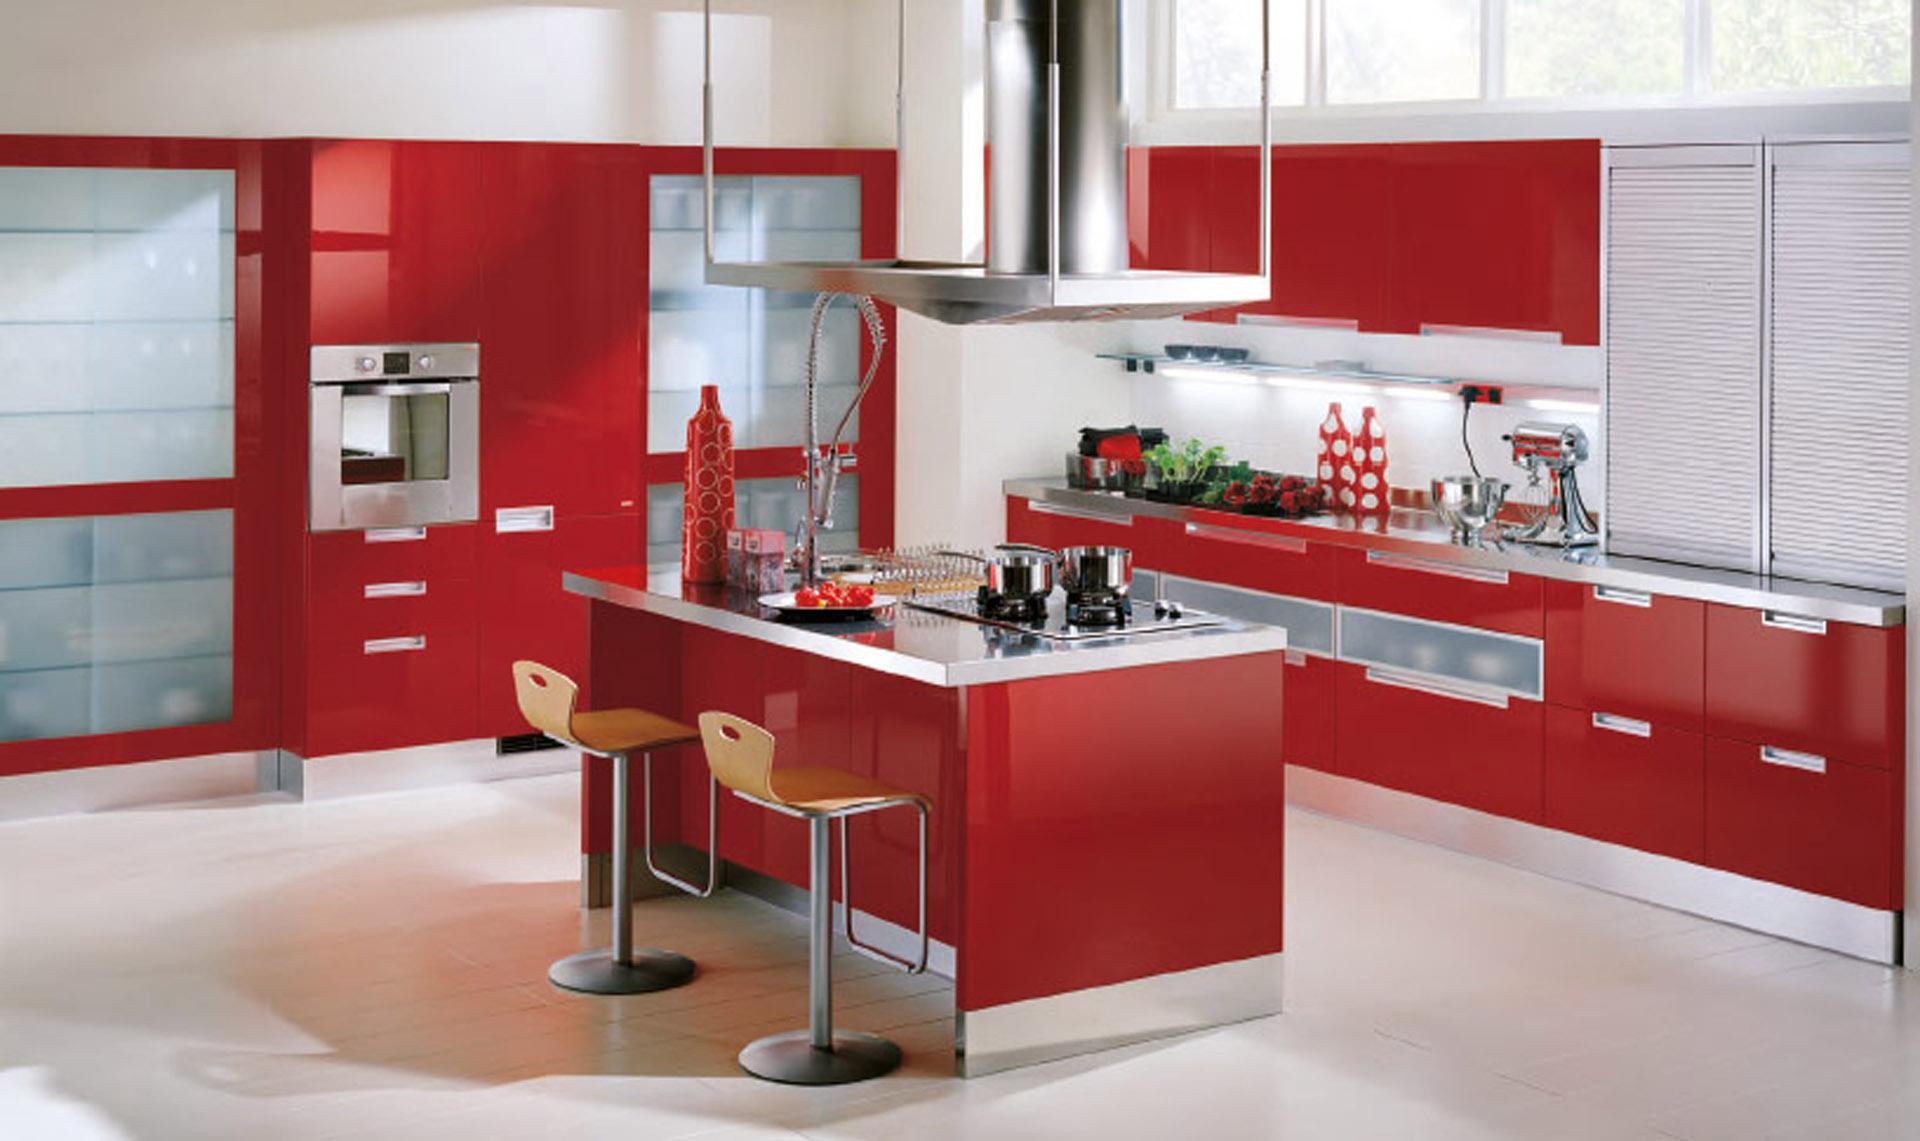 kitchen-design-ideas-2 | KüchenHaus Basler Filderstadt-Bernhausen ...